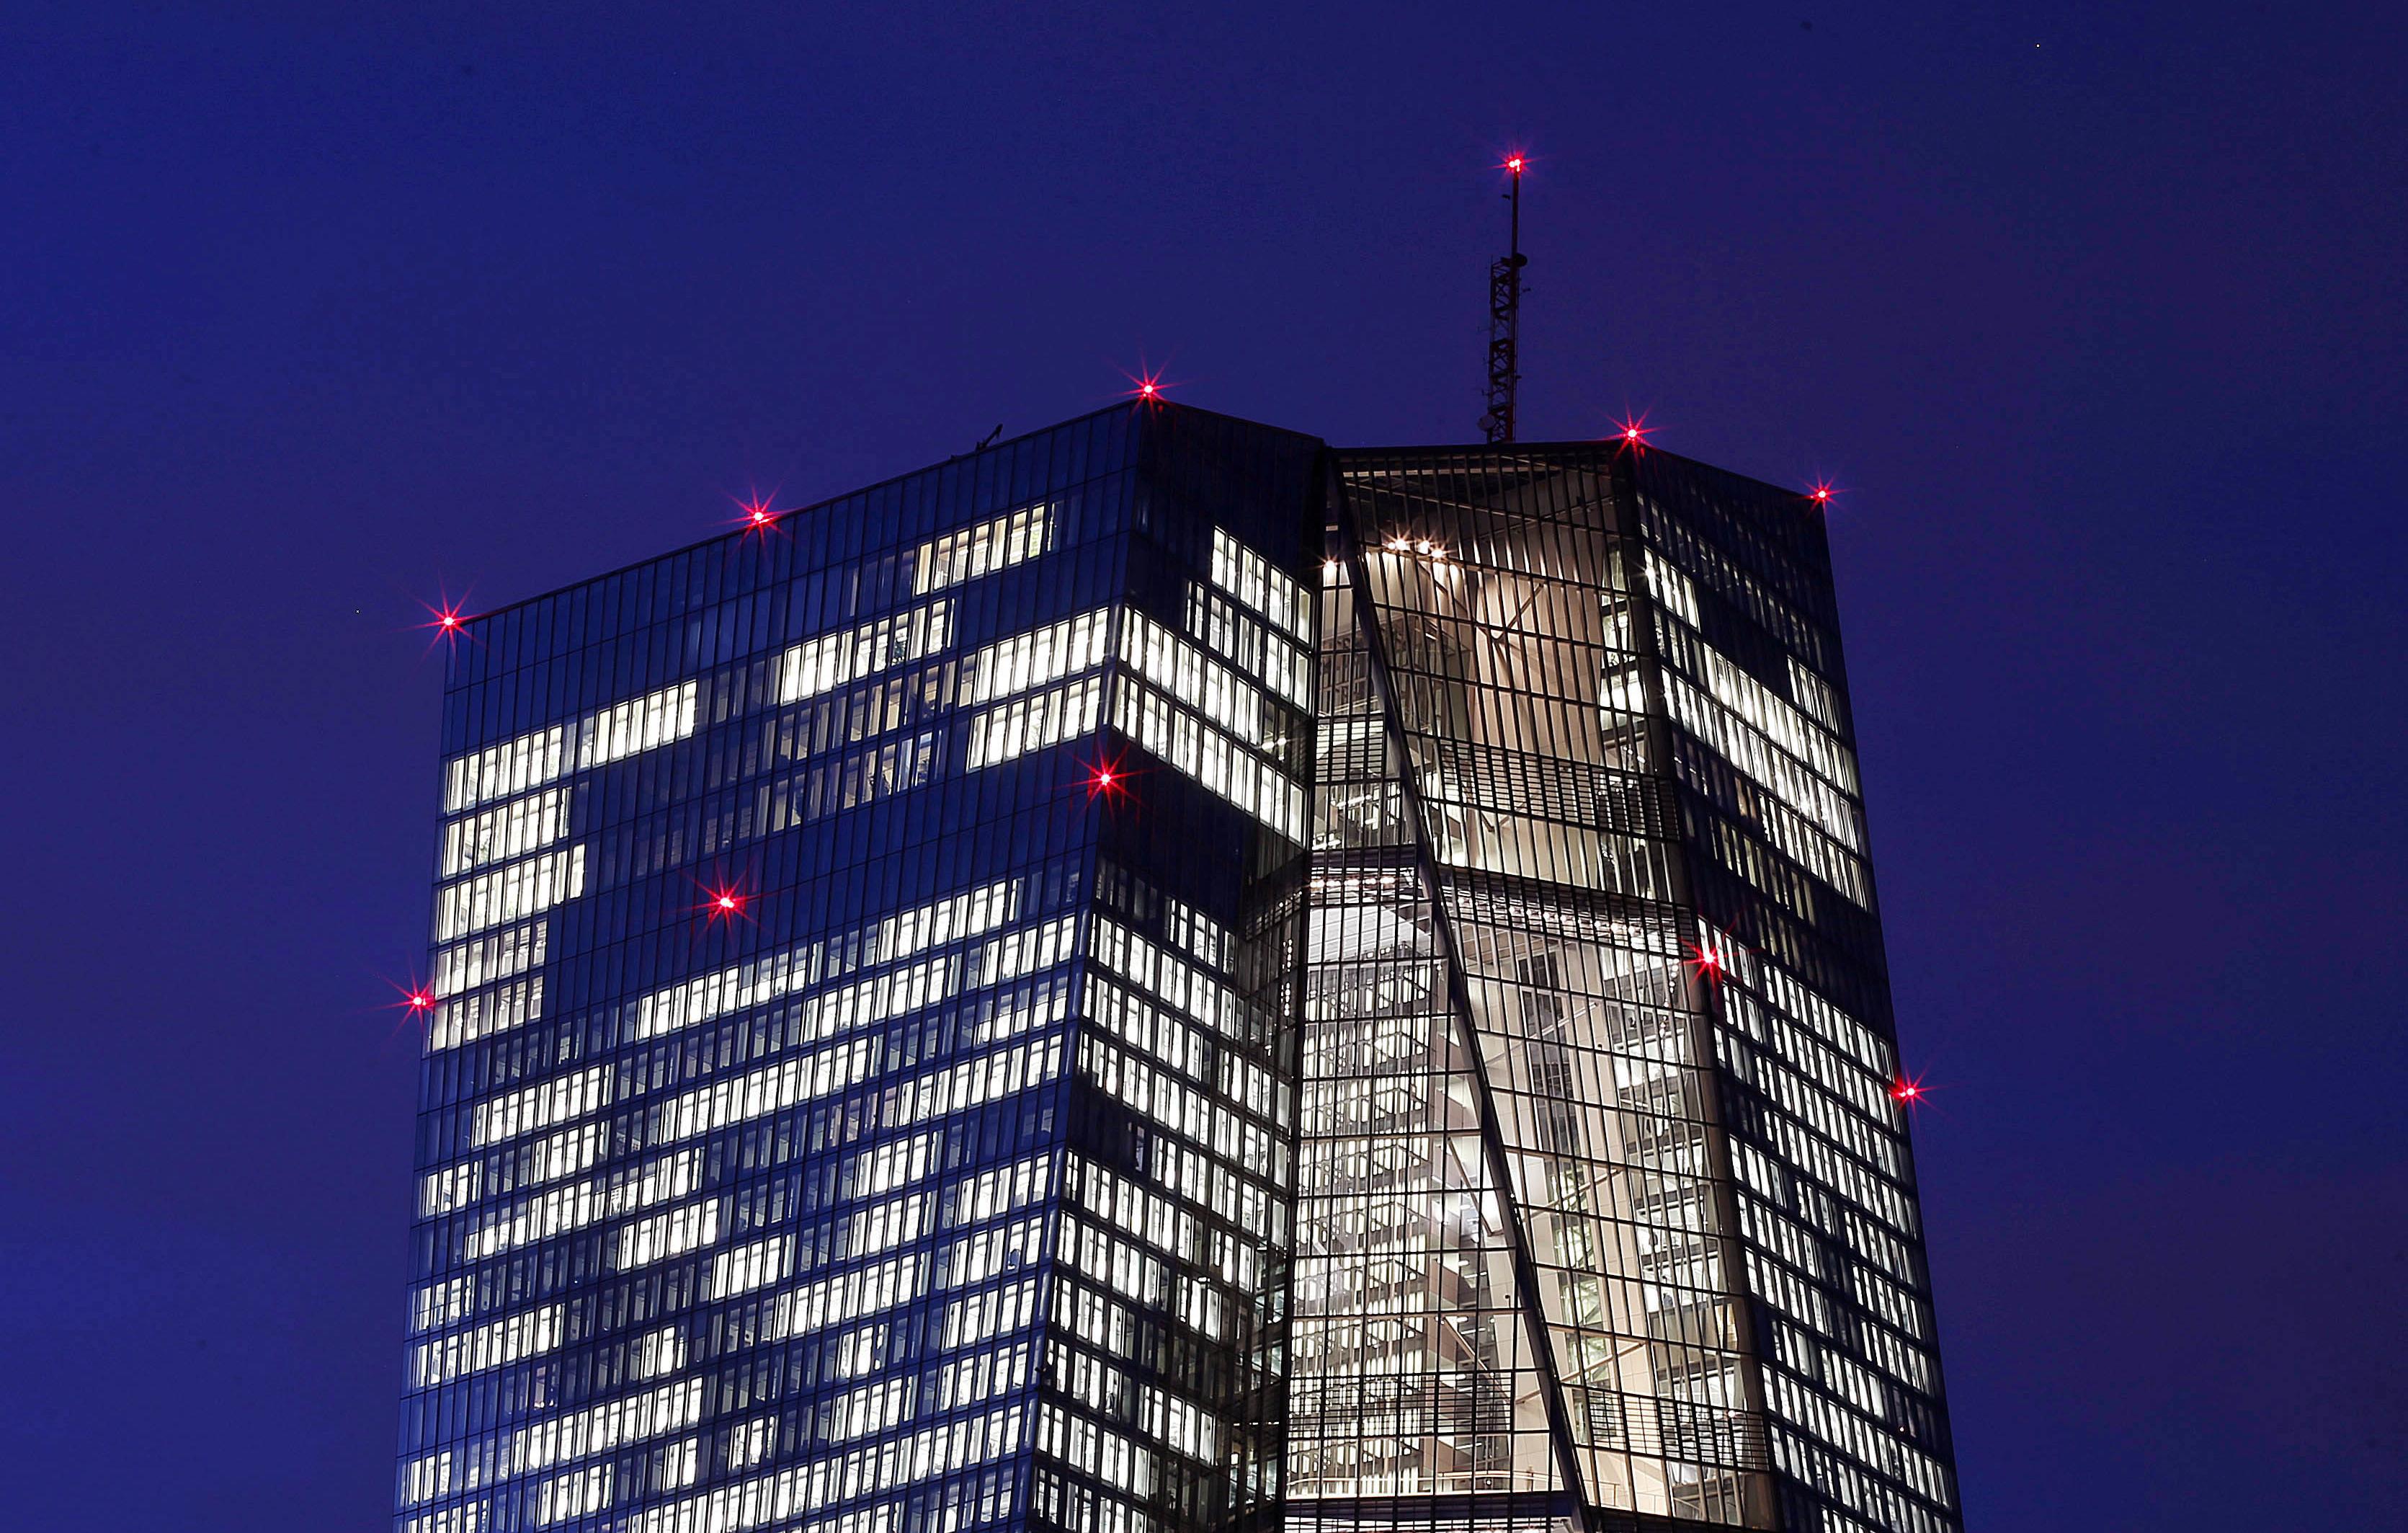 ЕЦБ иска още от стимулиращите мерки